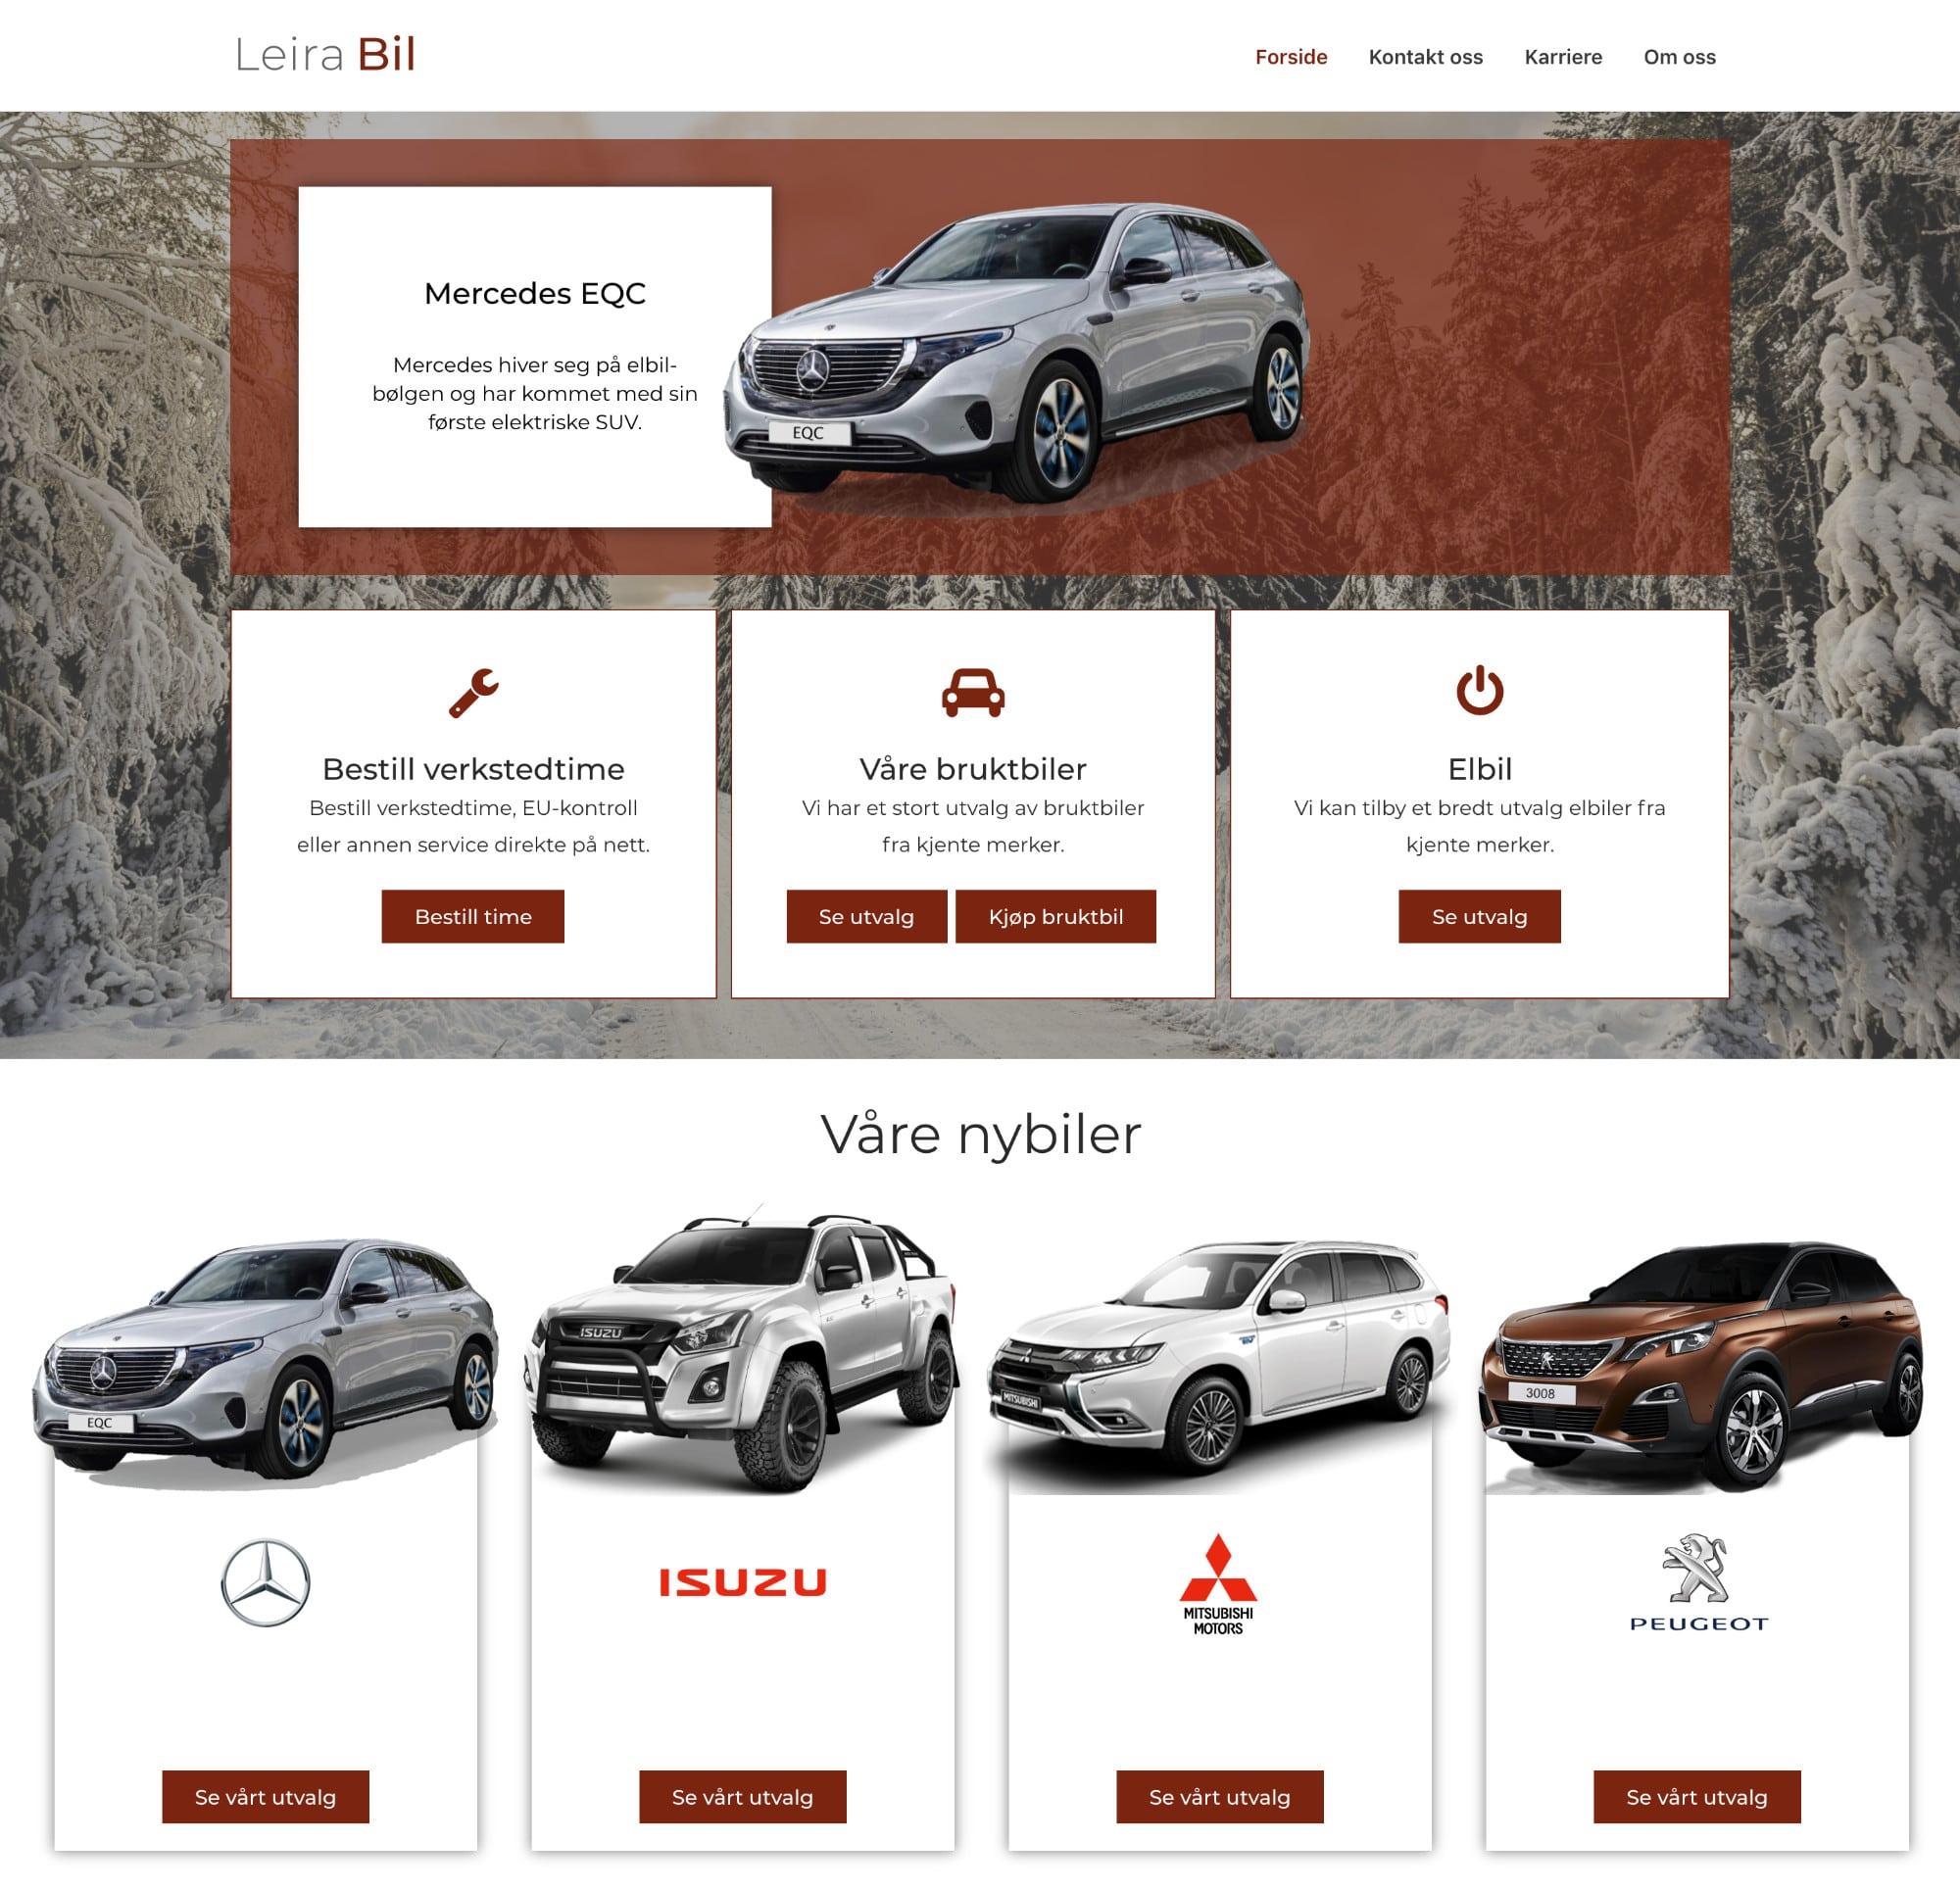 leira bil nettside eksempel